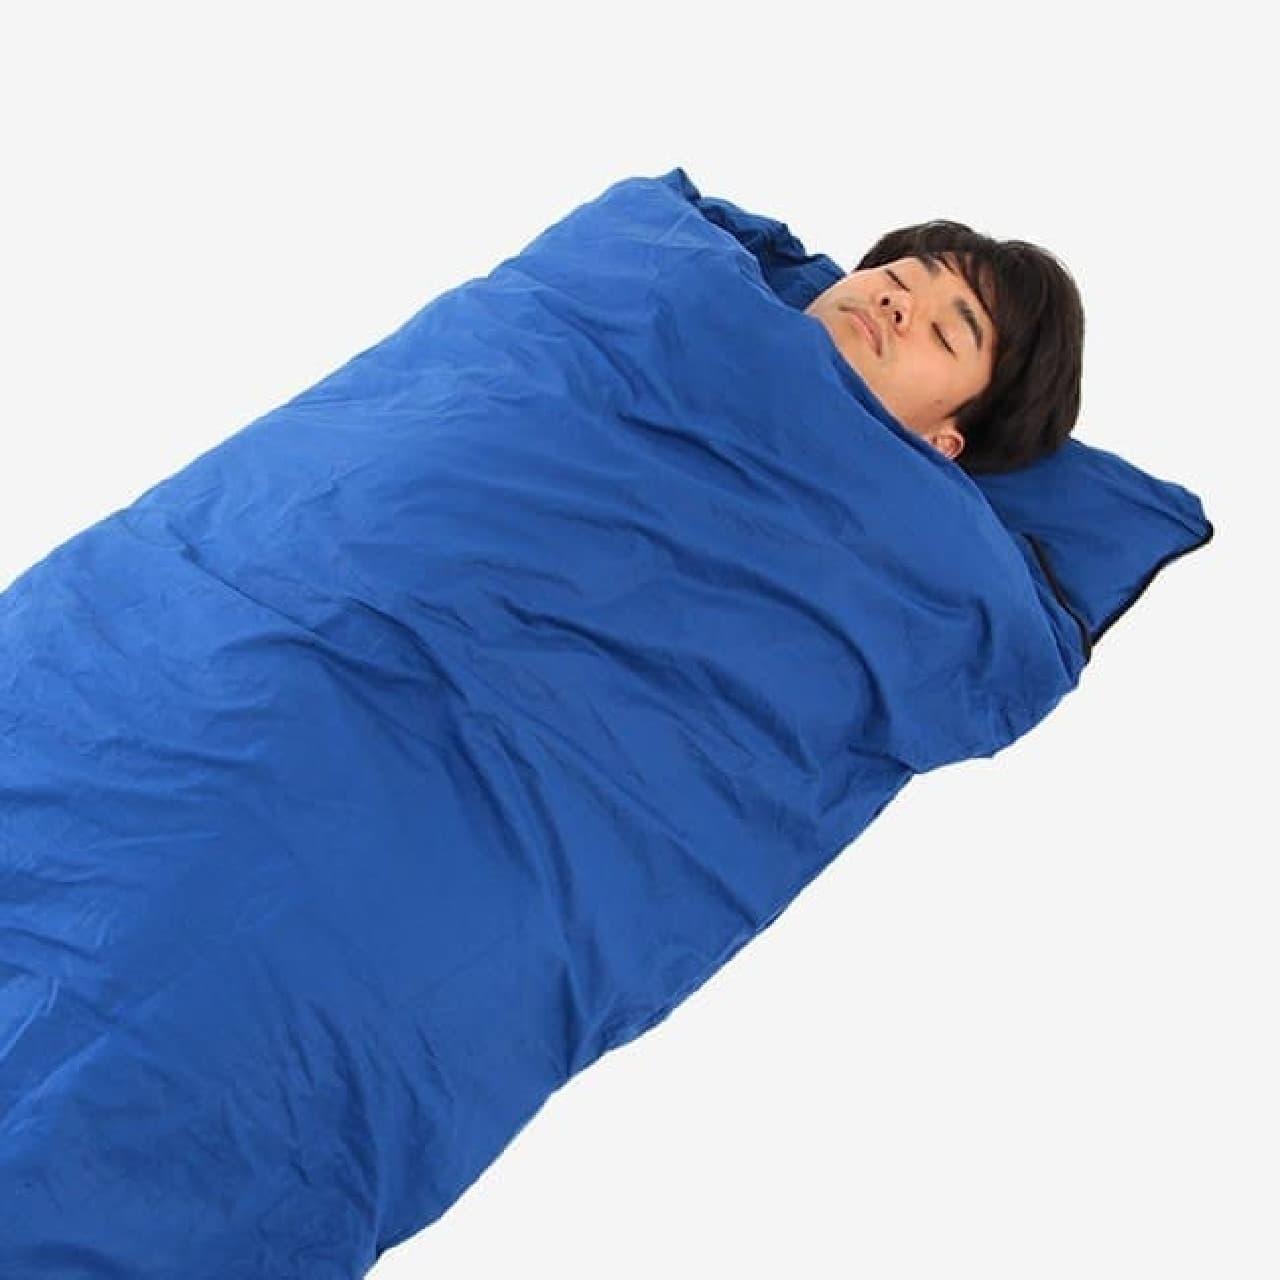 こちらは寝袋モード  掛け布団カバーとしては気になったカラーも  不思議としっくりきますね